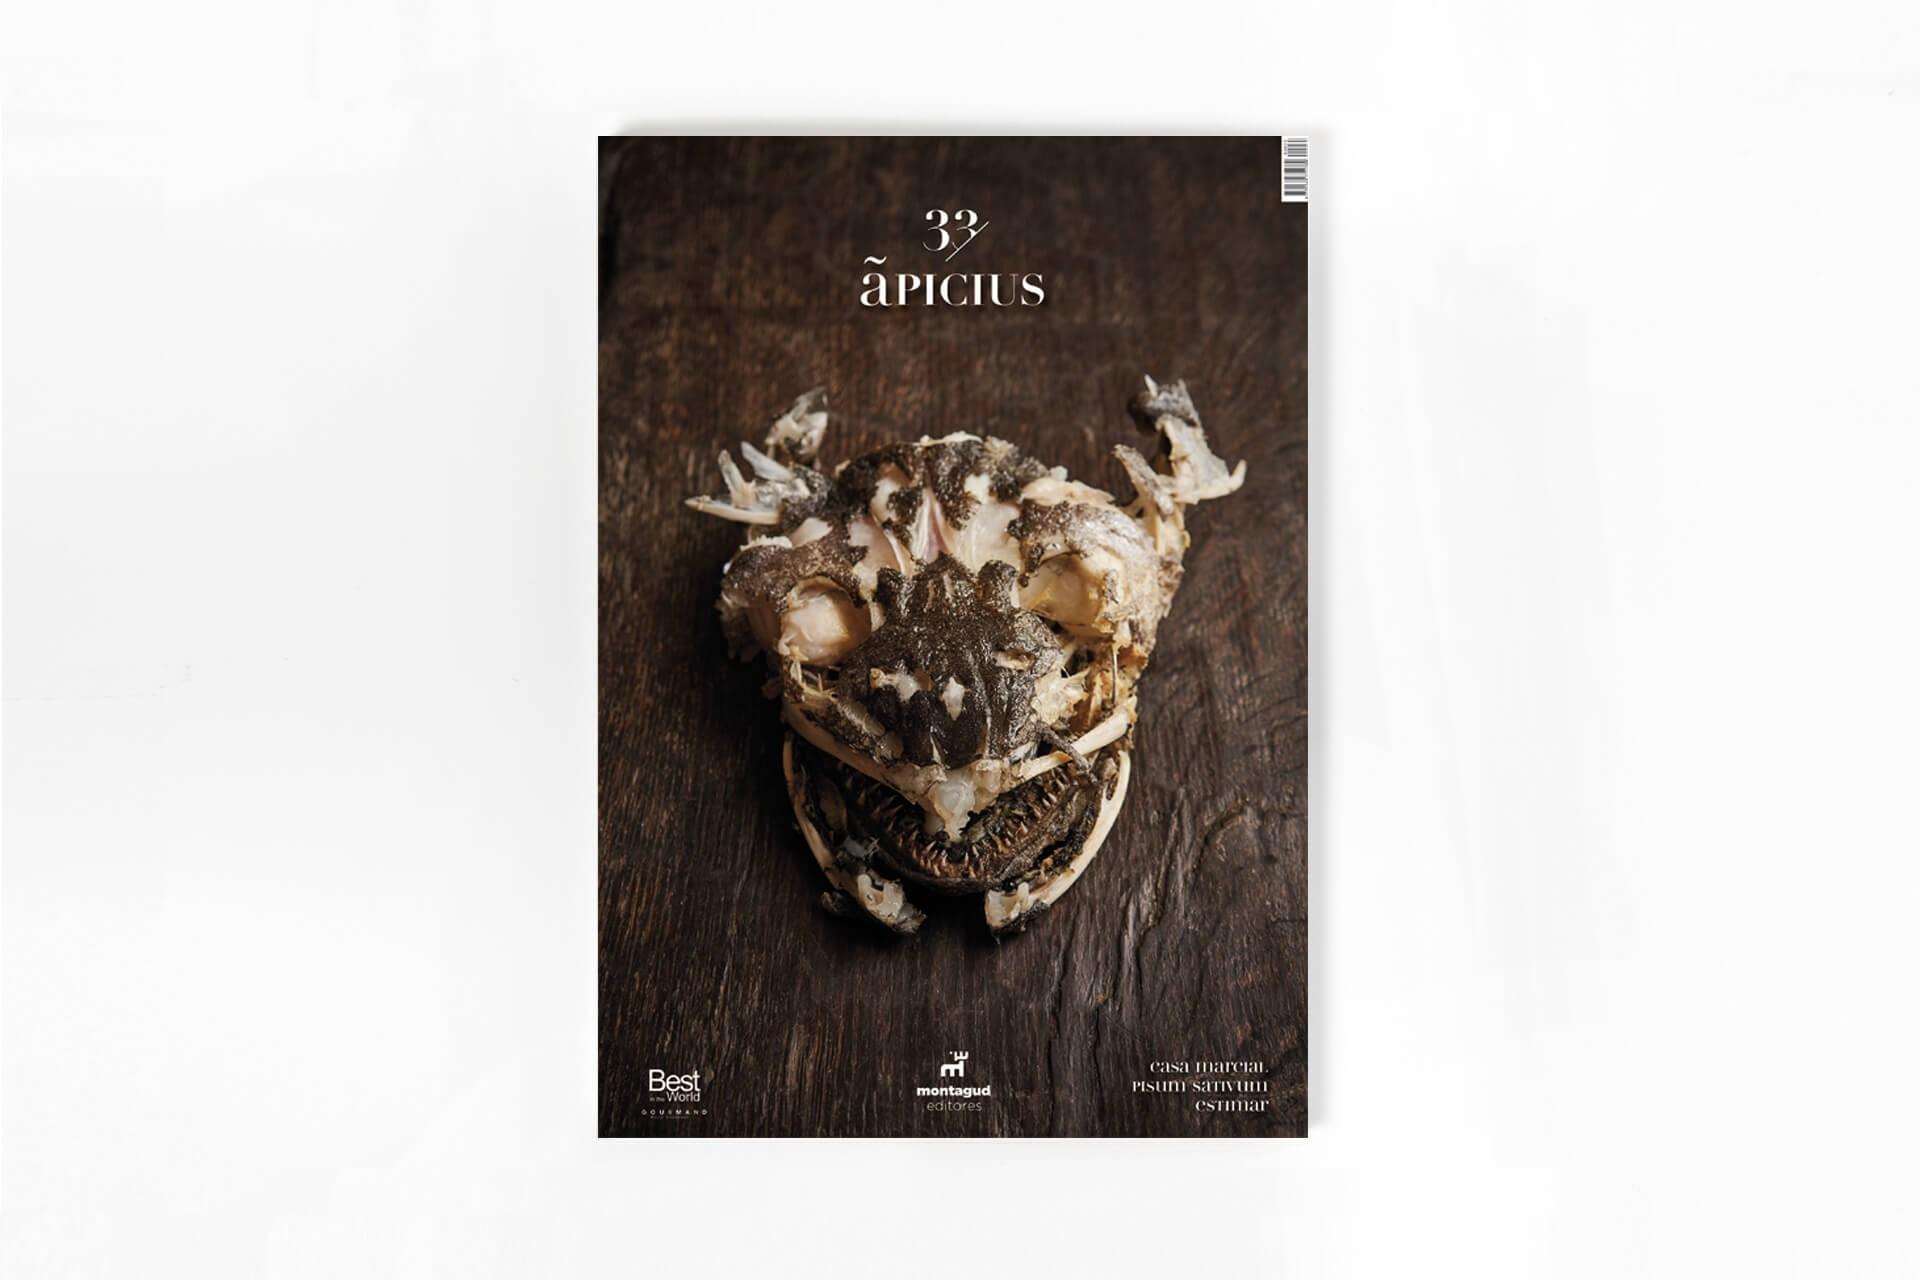 APICIUS_33_l-3